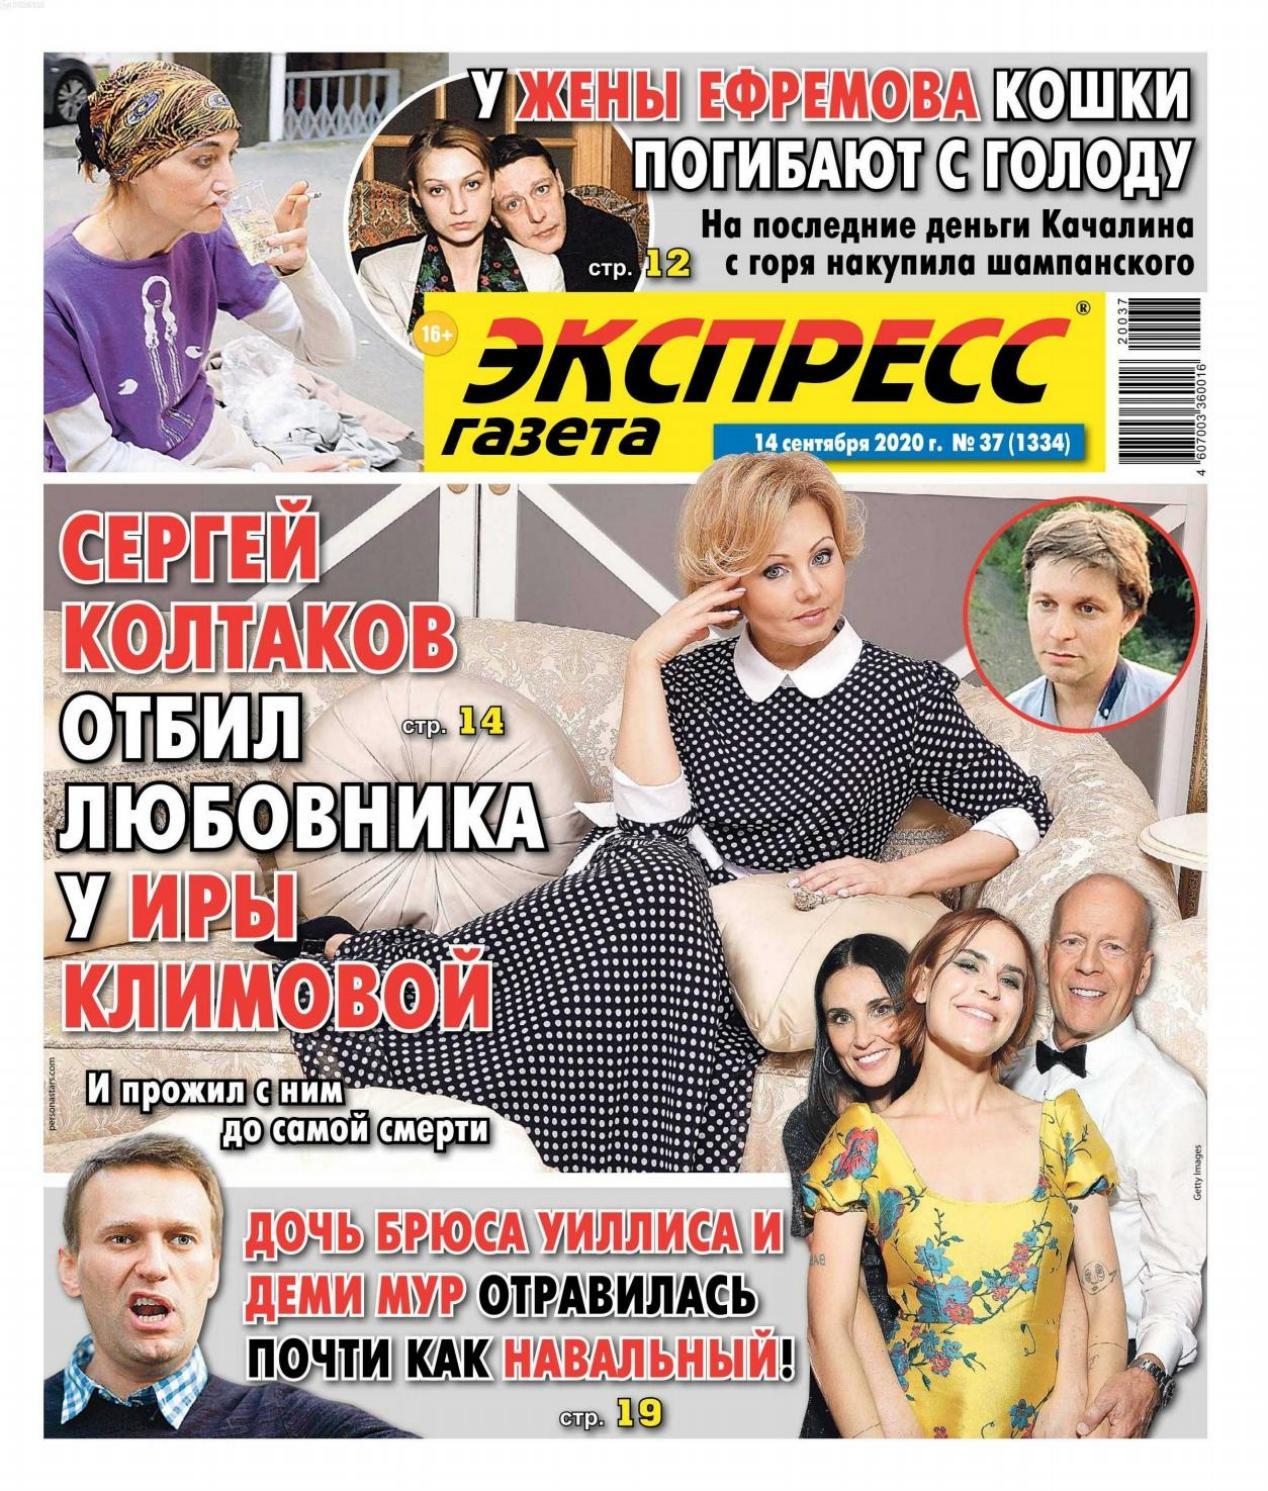 Экспресс газета №37 (сентябрь/2020)